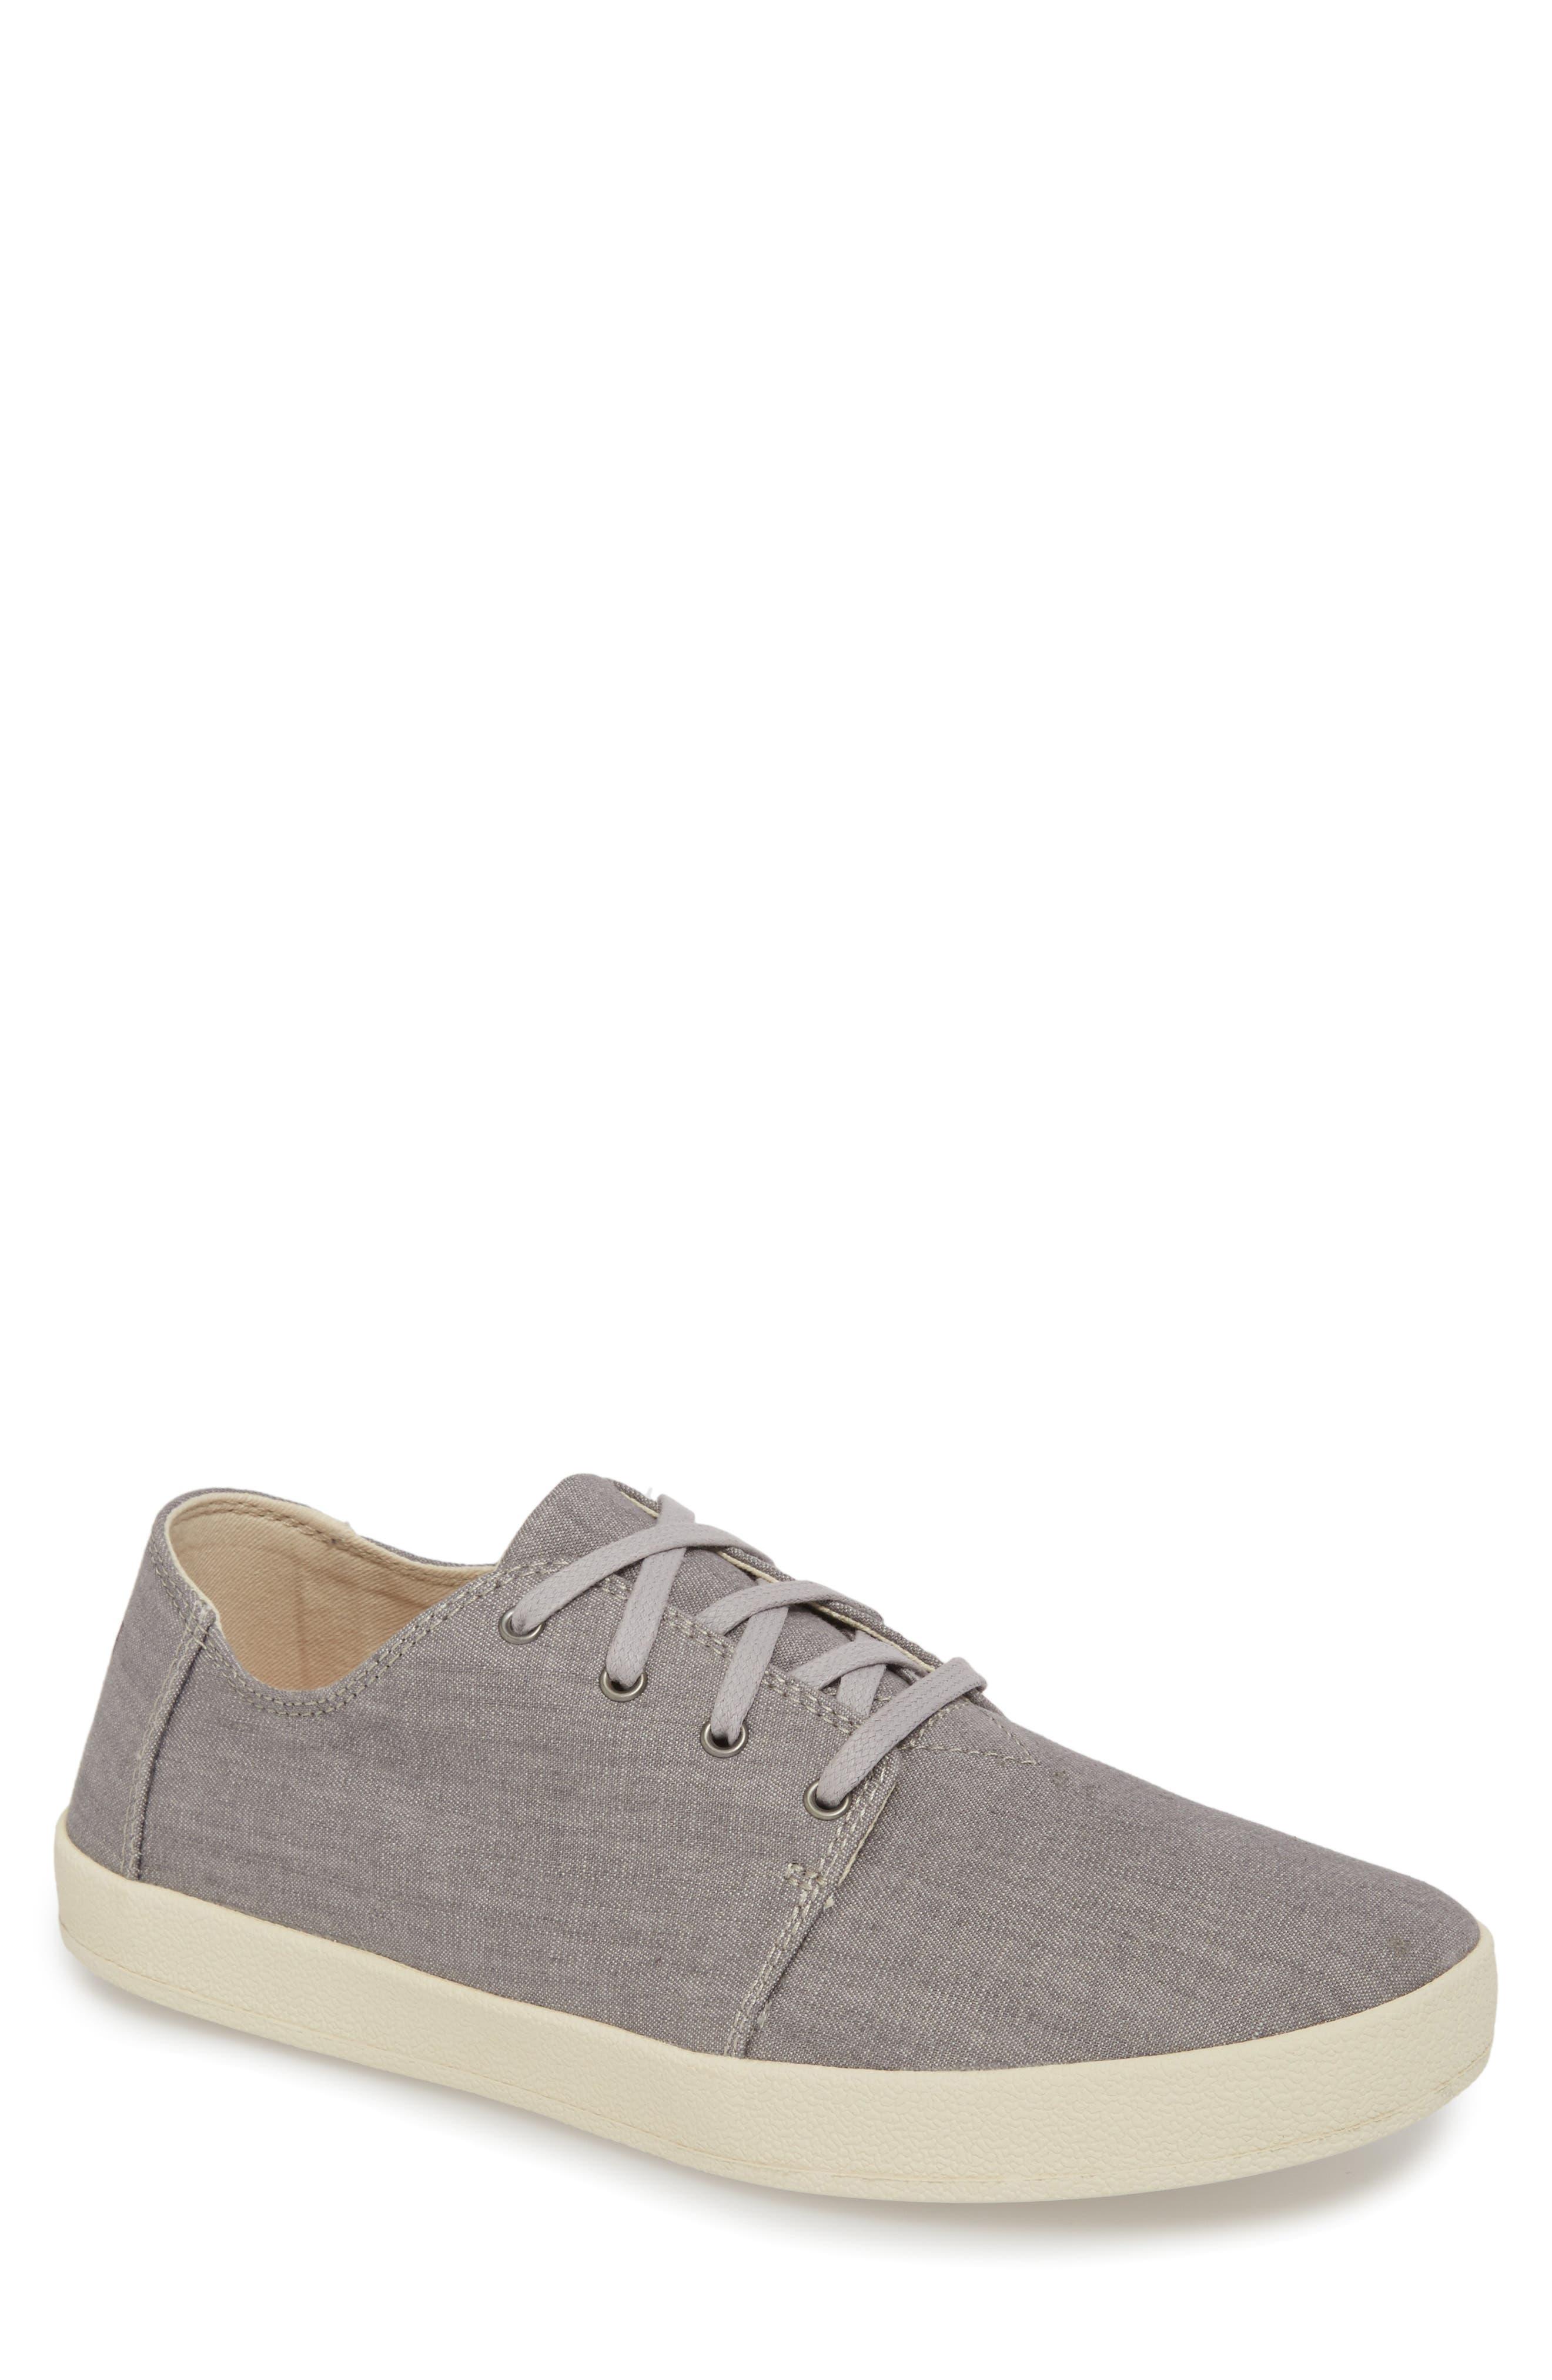 Toms Payton Sneaker- Grey